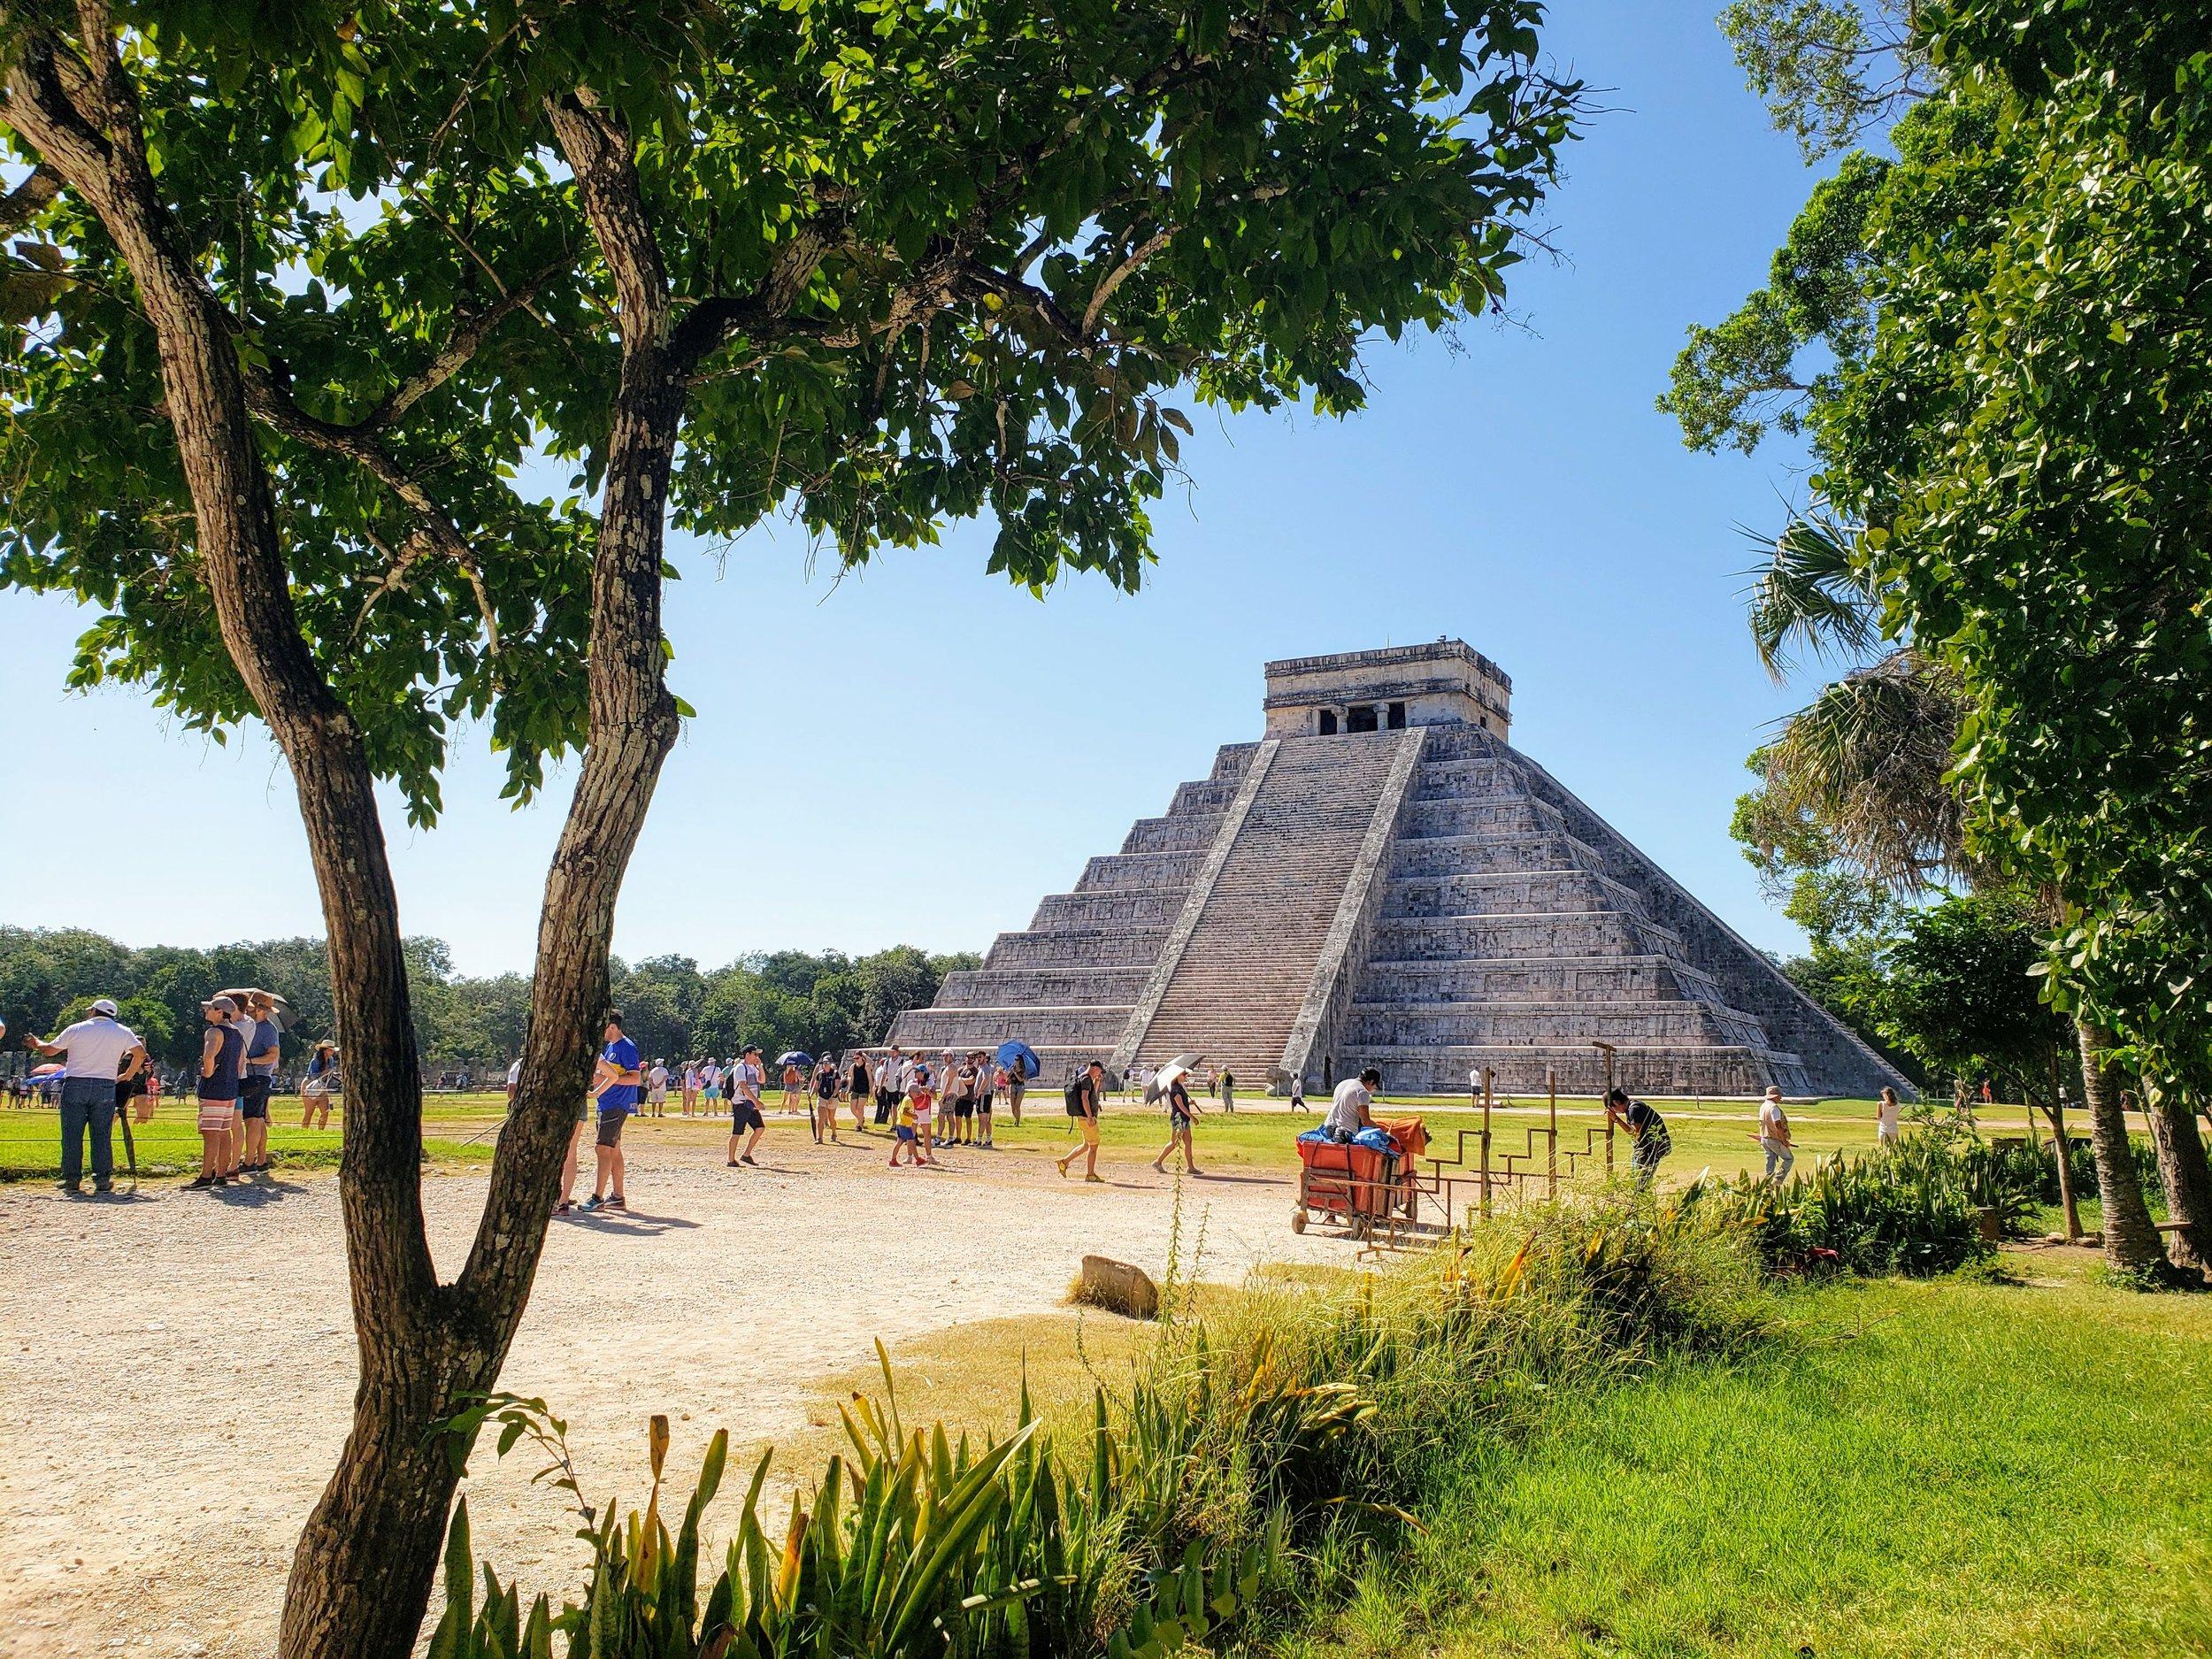 Foto tomada por mi a Kukulkán en Chichen-Itzá, México. Una de las 7 Maravillas del Mundo